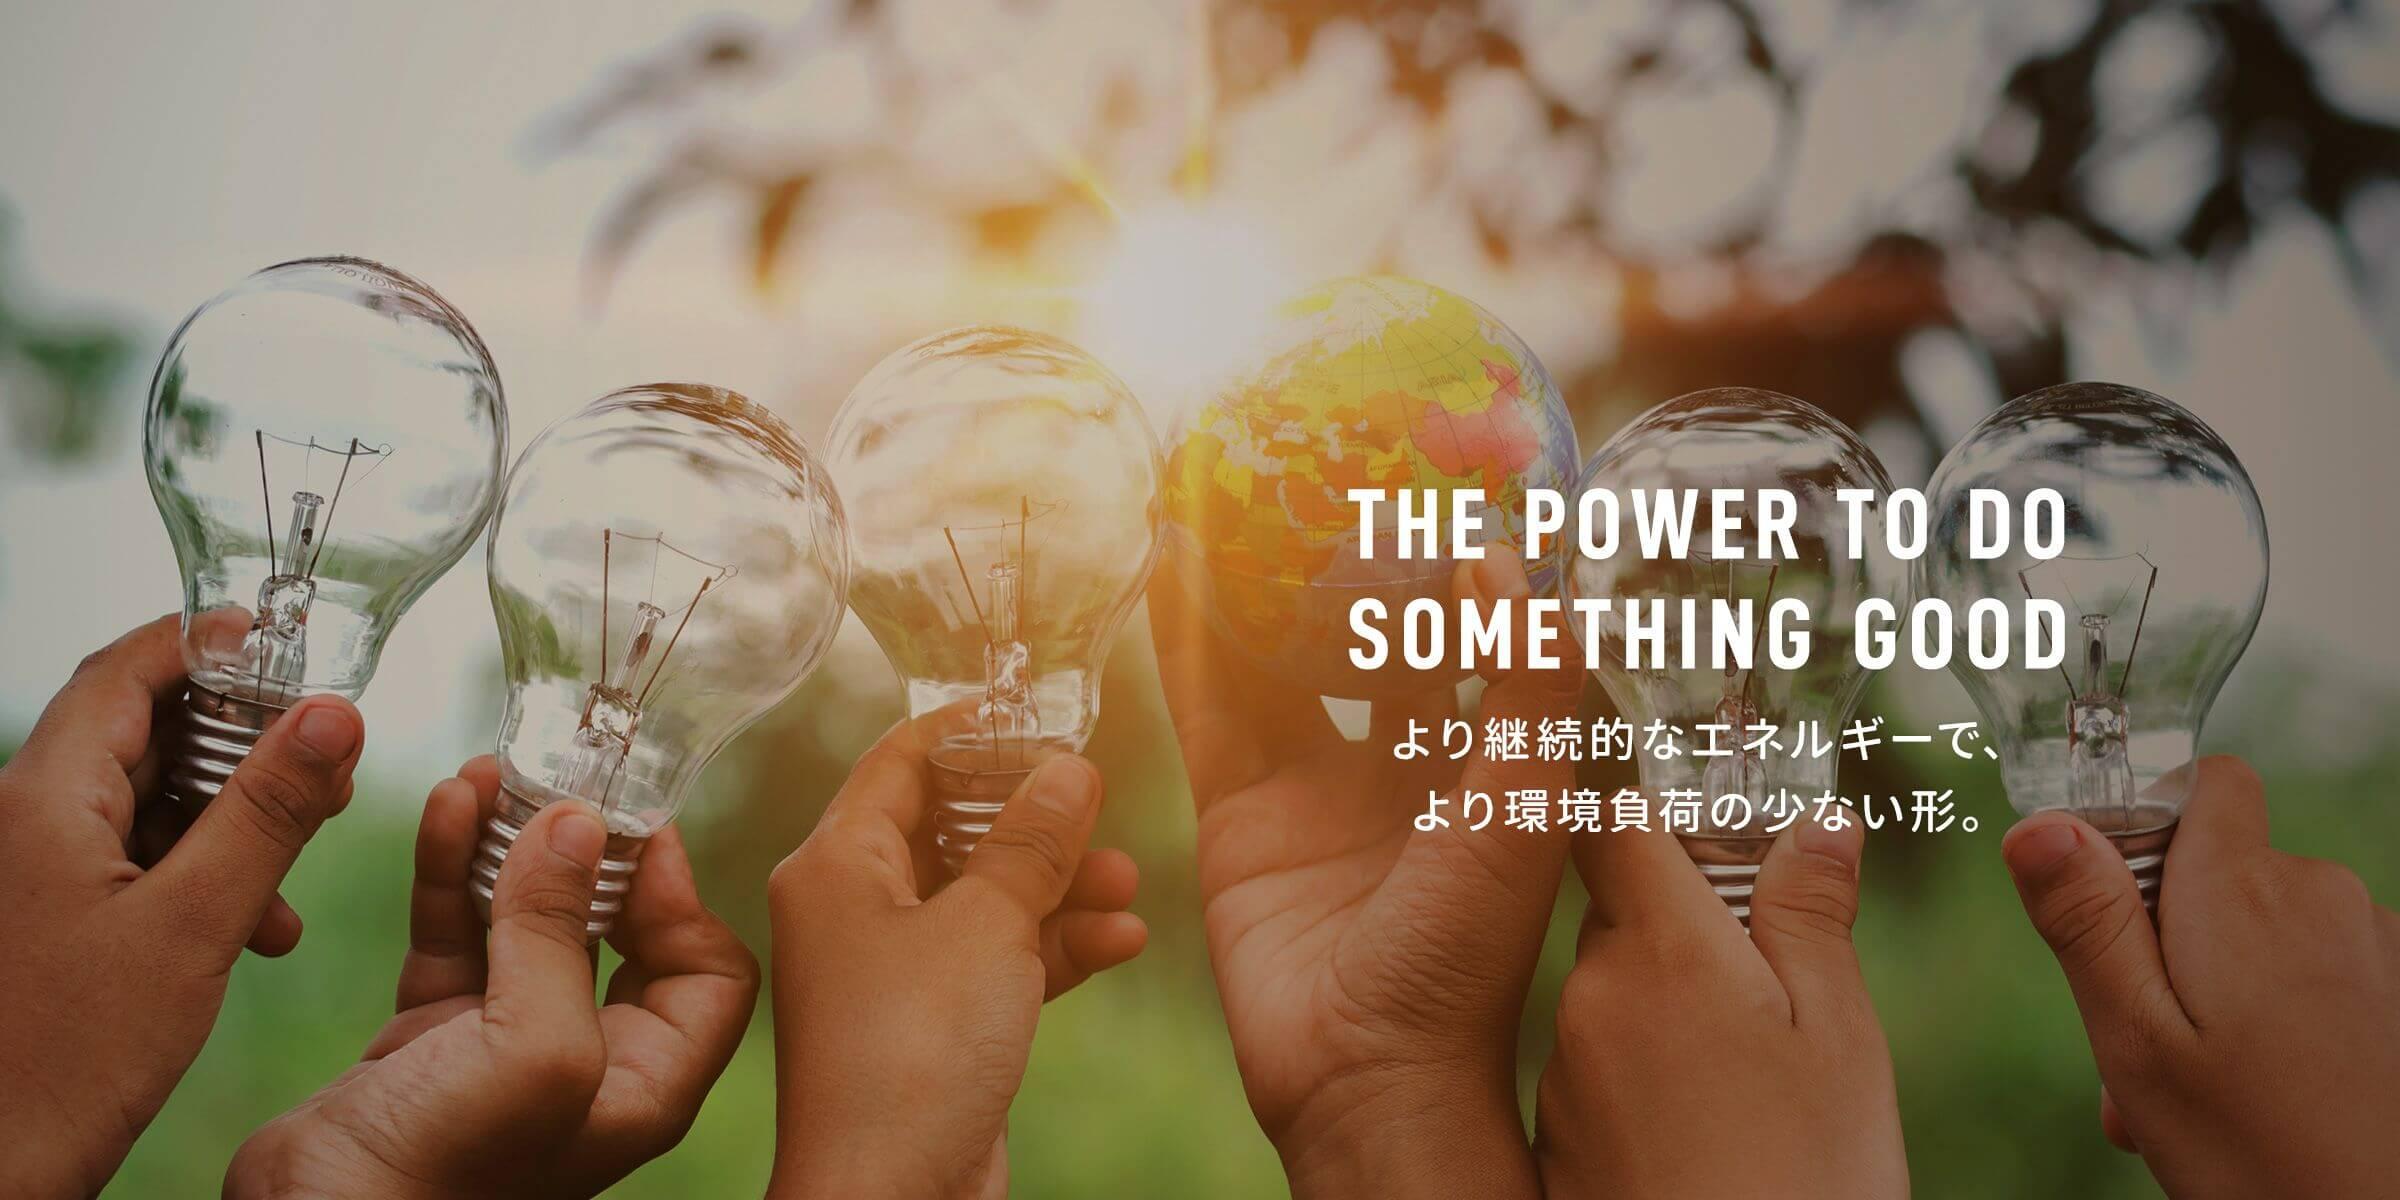 エネルギーで地域、そして世界を変える(アウラグリーンエナジー株式会社)